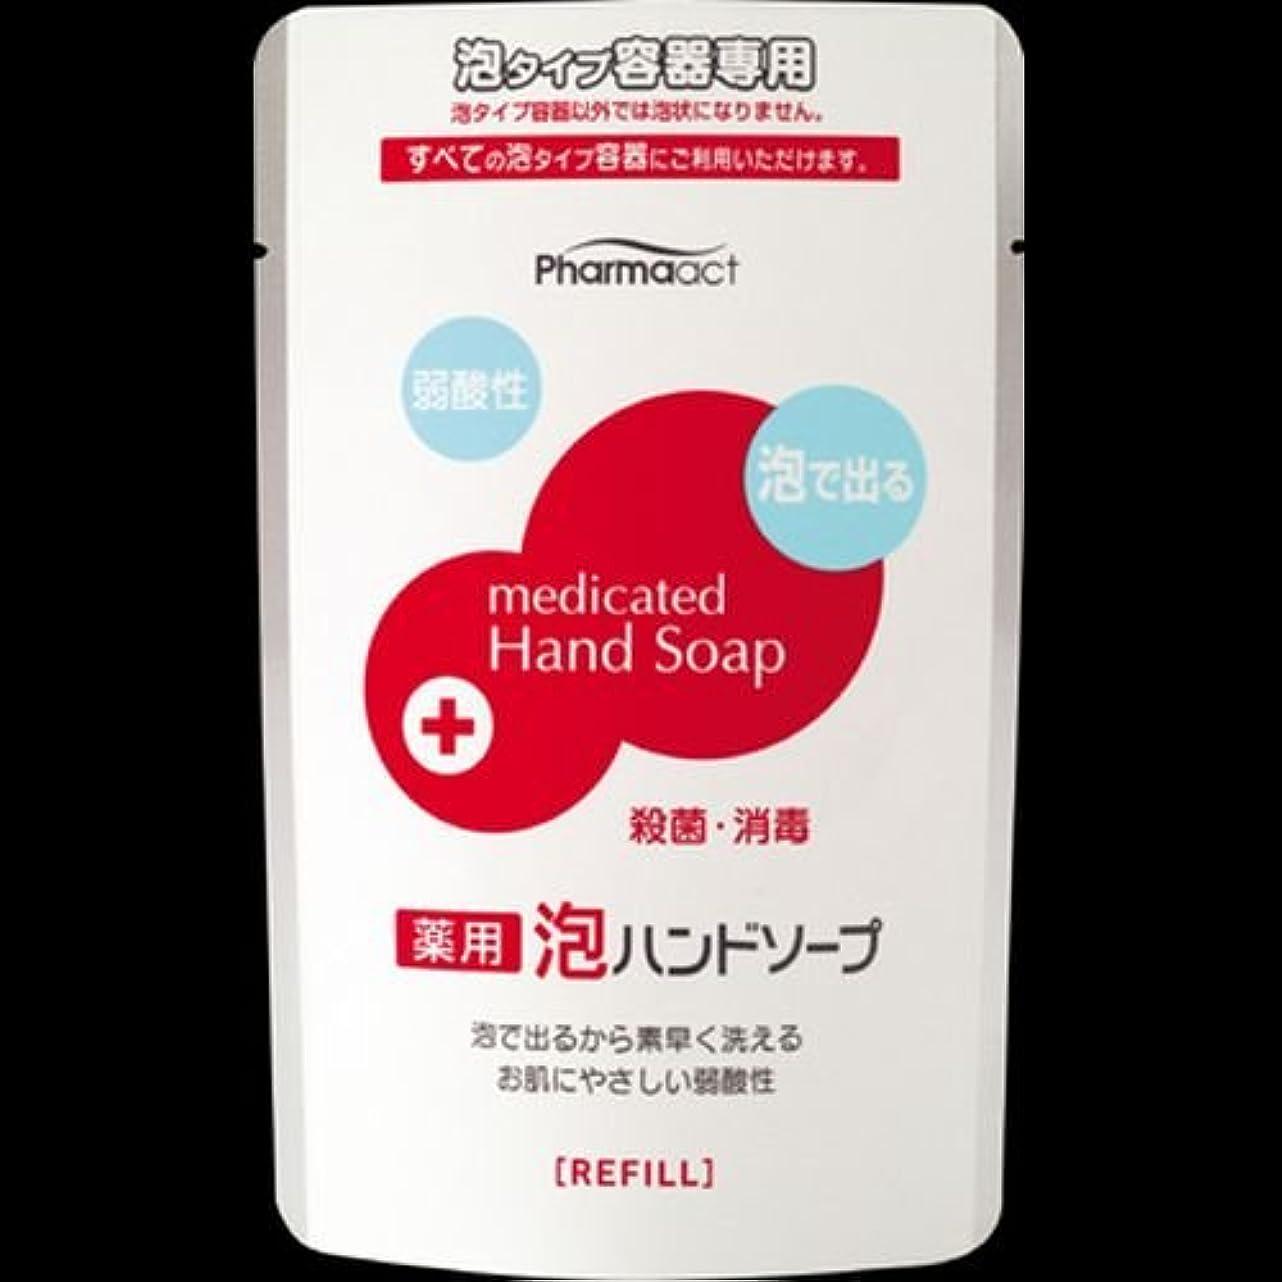 しみピッチャーゆるい【まとめ買い】ファーマアクト 弱酸性 薬用泡ハンドソープ つめかえ用 200ml ×2セット